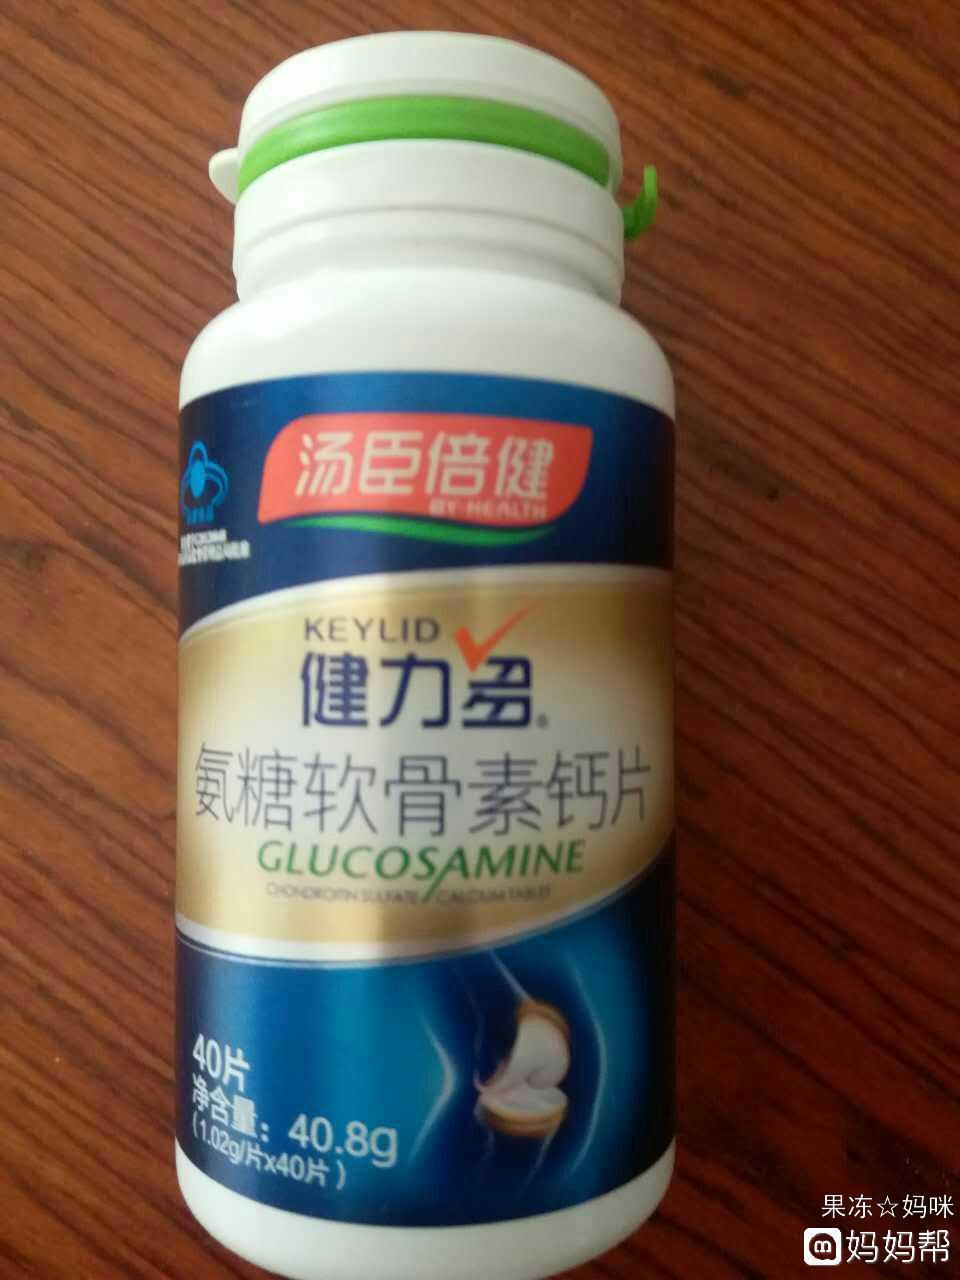 健力多氨糖软骨素钙片正品价格_折扣_图片_分期付款-苏宁易购